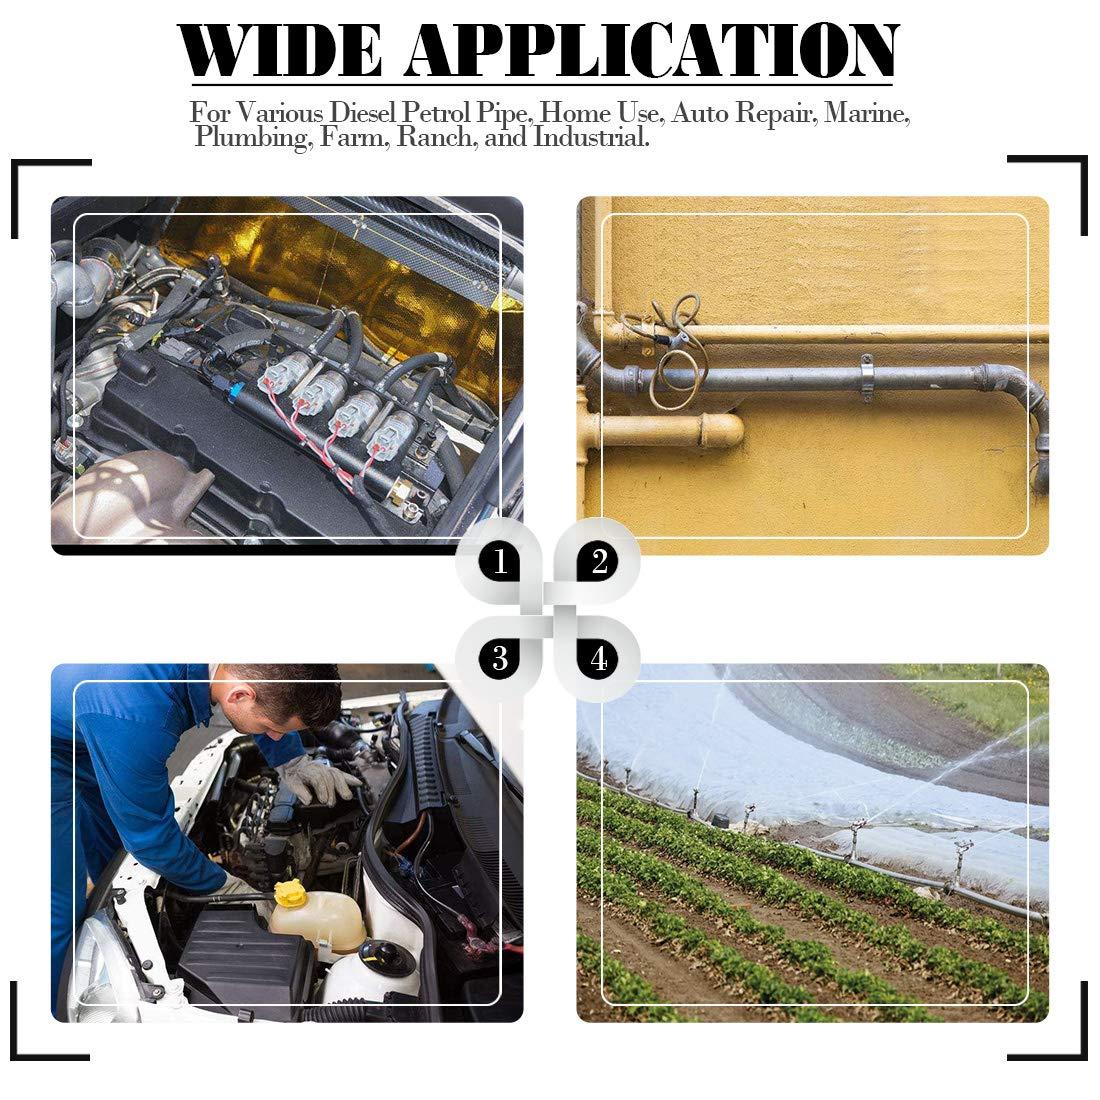 Manguera de Inyección de Combustible 8mm coche NBR Tubo de reparación del motor de gasolina de combustible diesel